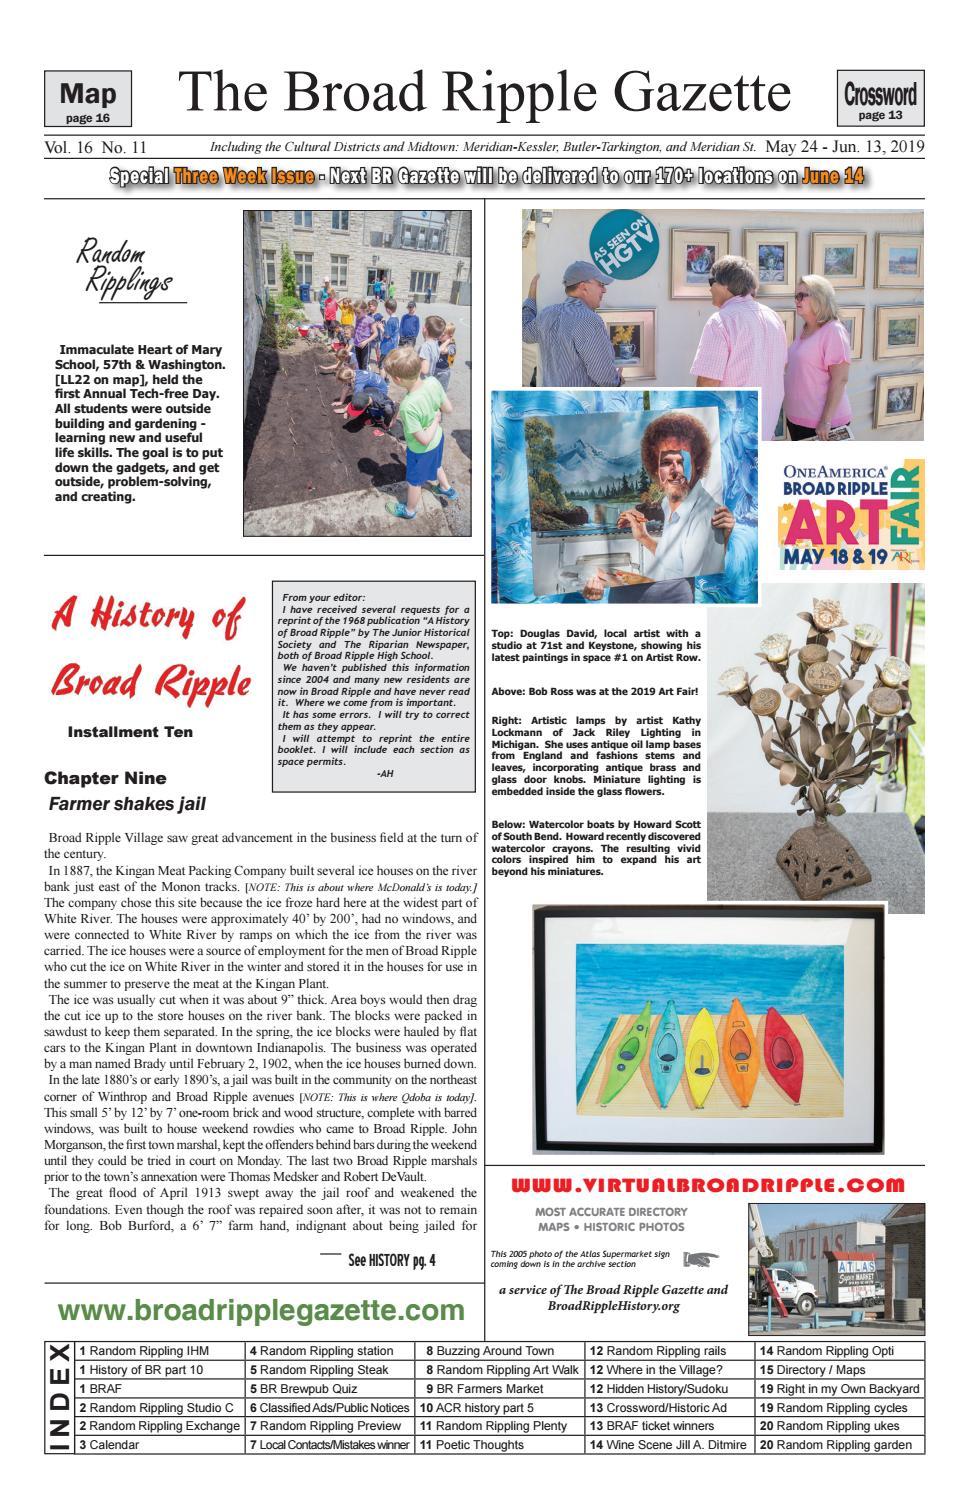 2a8ea6d29dd Broad Ripple Gazette Volume 16 Number 11 (May 24 - June 13, 2019) by Broad  Ripple Gazette - issuu